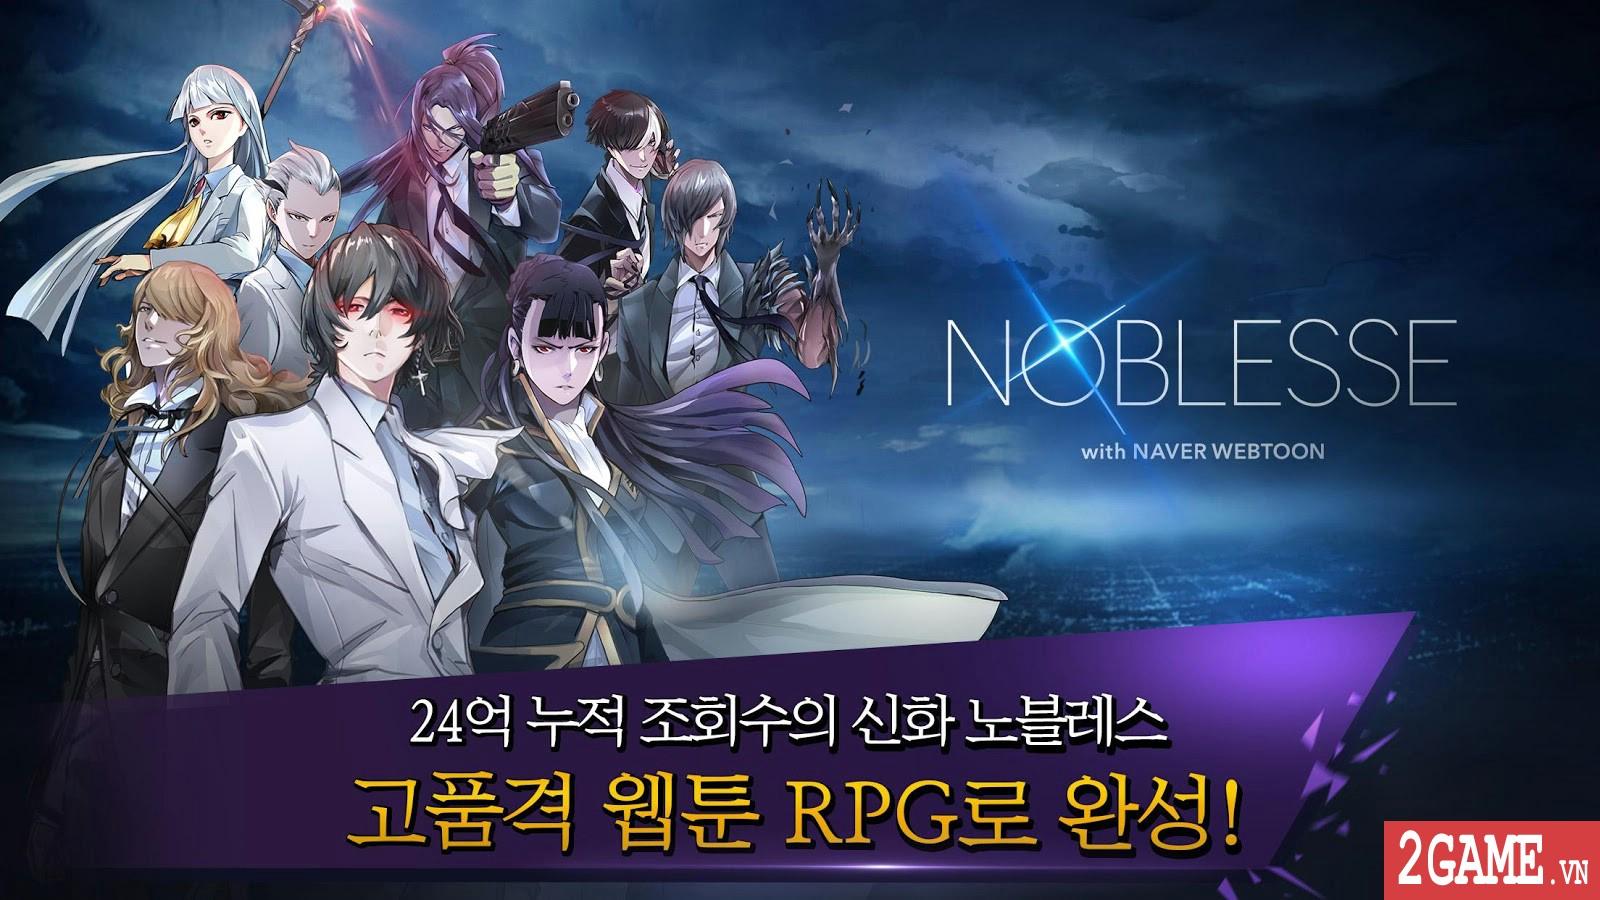 Noblesse - Game nhập vai đánh theo lượt phỏng dựng theo nguyên bản bộ truyện tranh nổi tiếng cùng tên 0